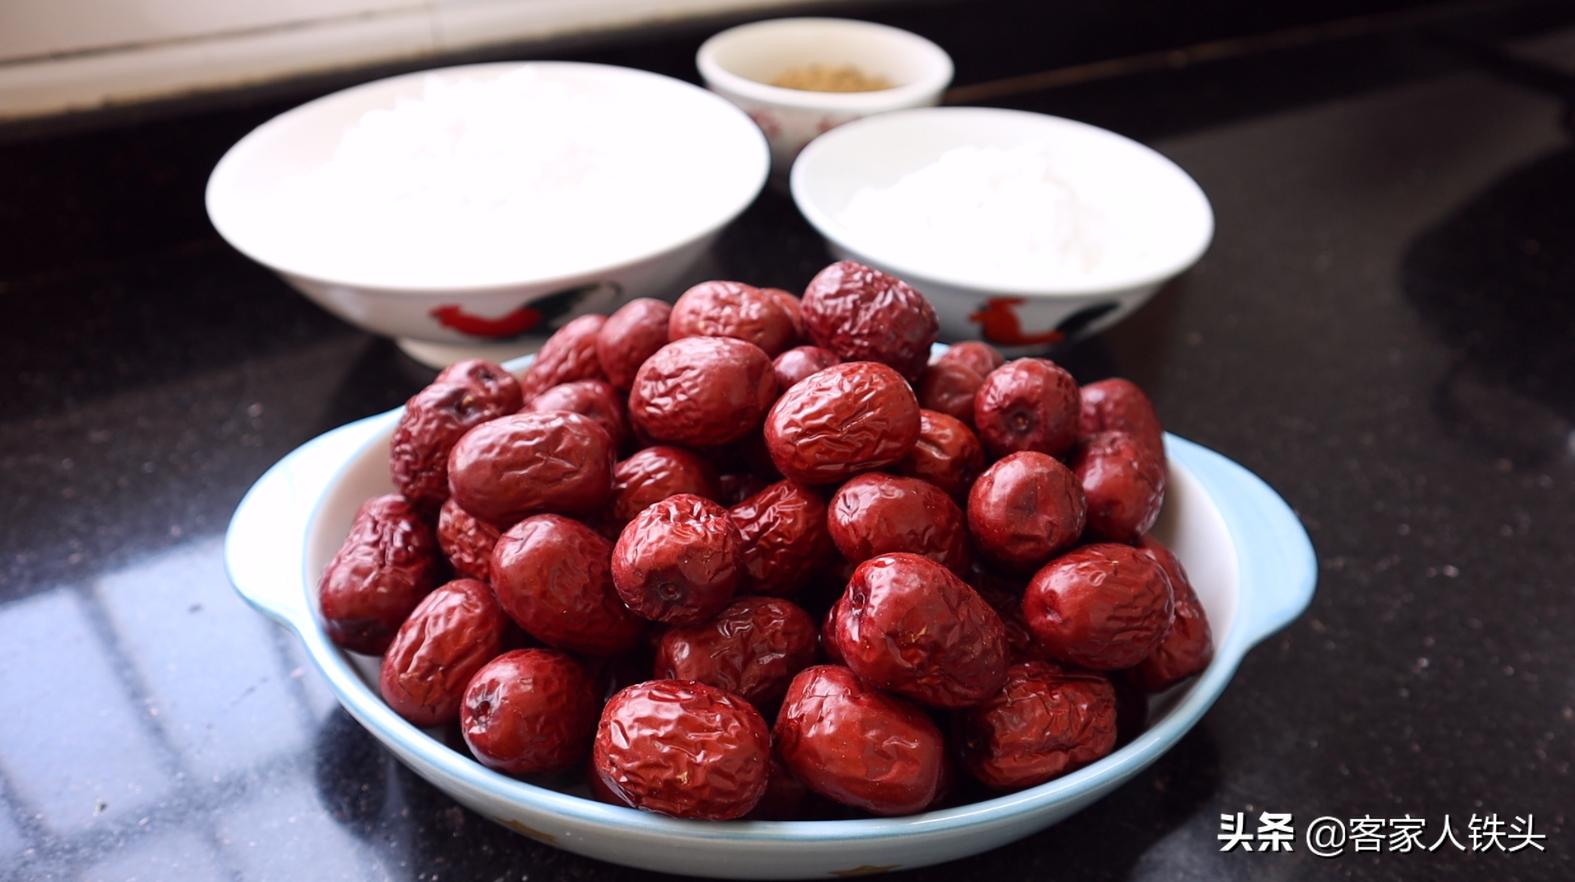 廣東人去茶樓必點的一款早餐糕,教你家常做法,簡單好吃營養豐富